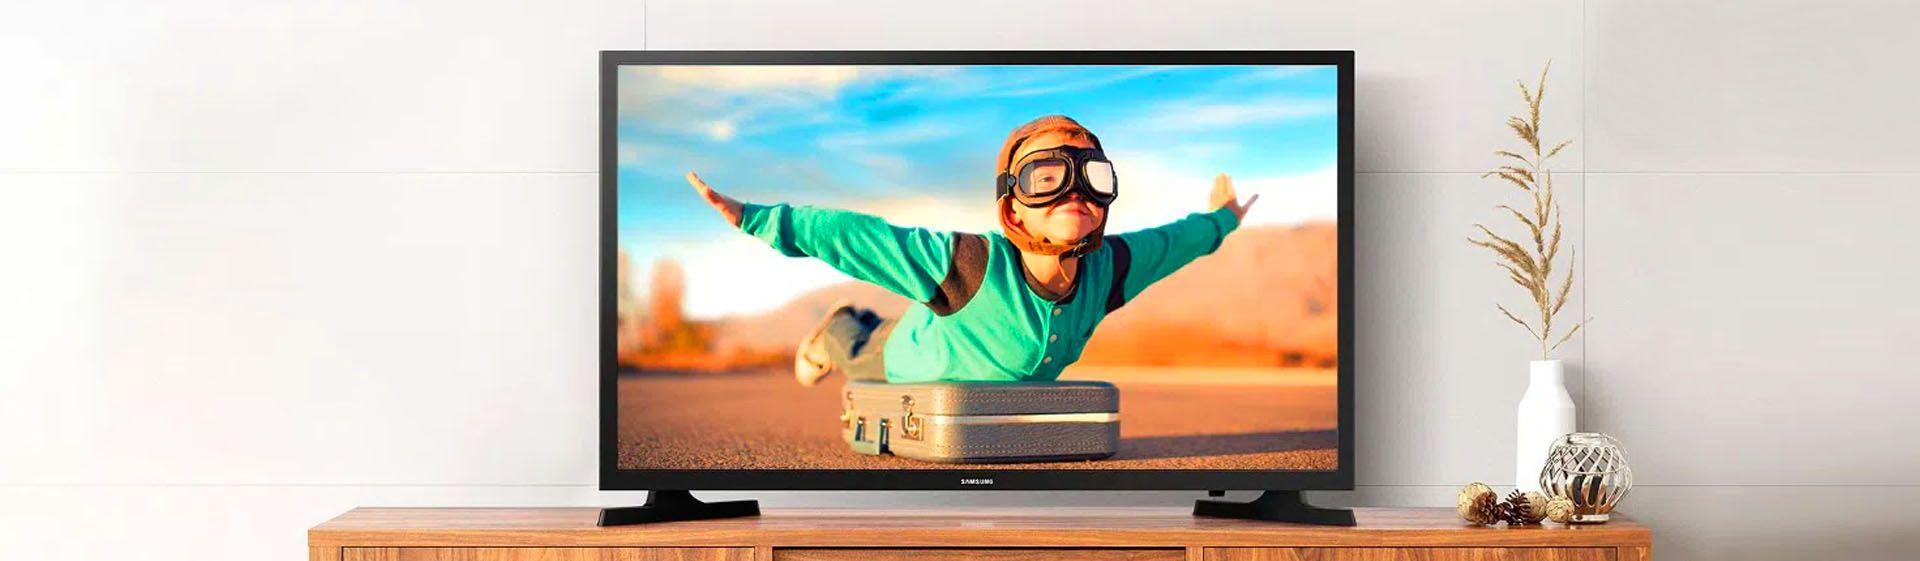 Samsung T4300 é boa? Confira análise desta TV de 32 polegadas